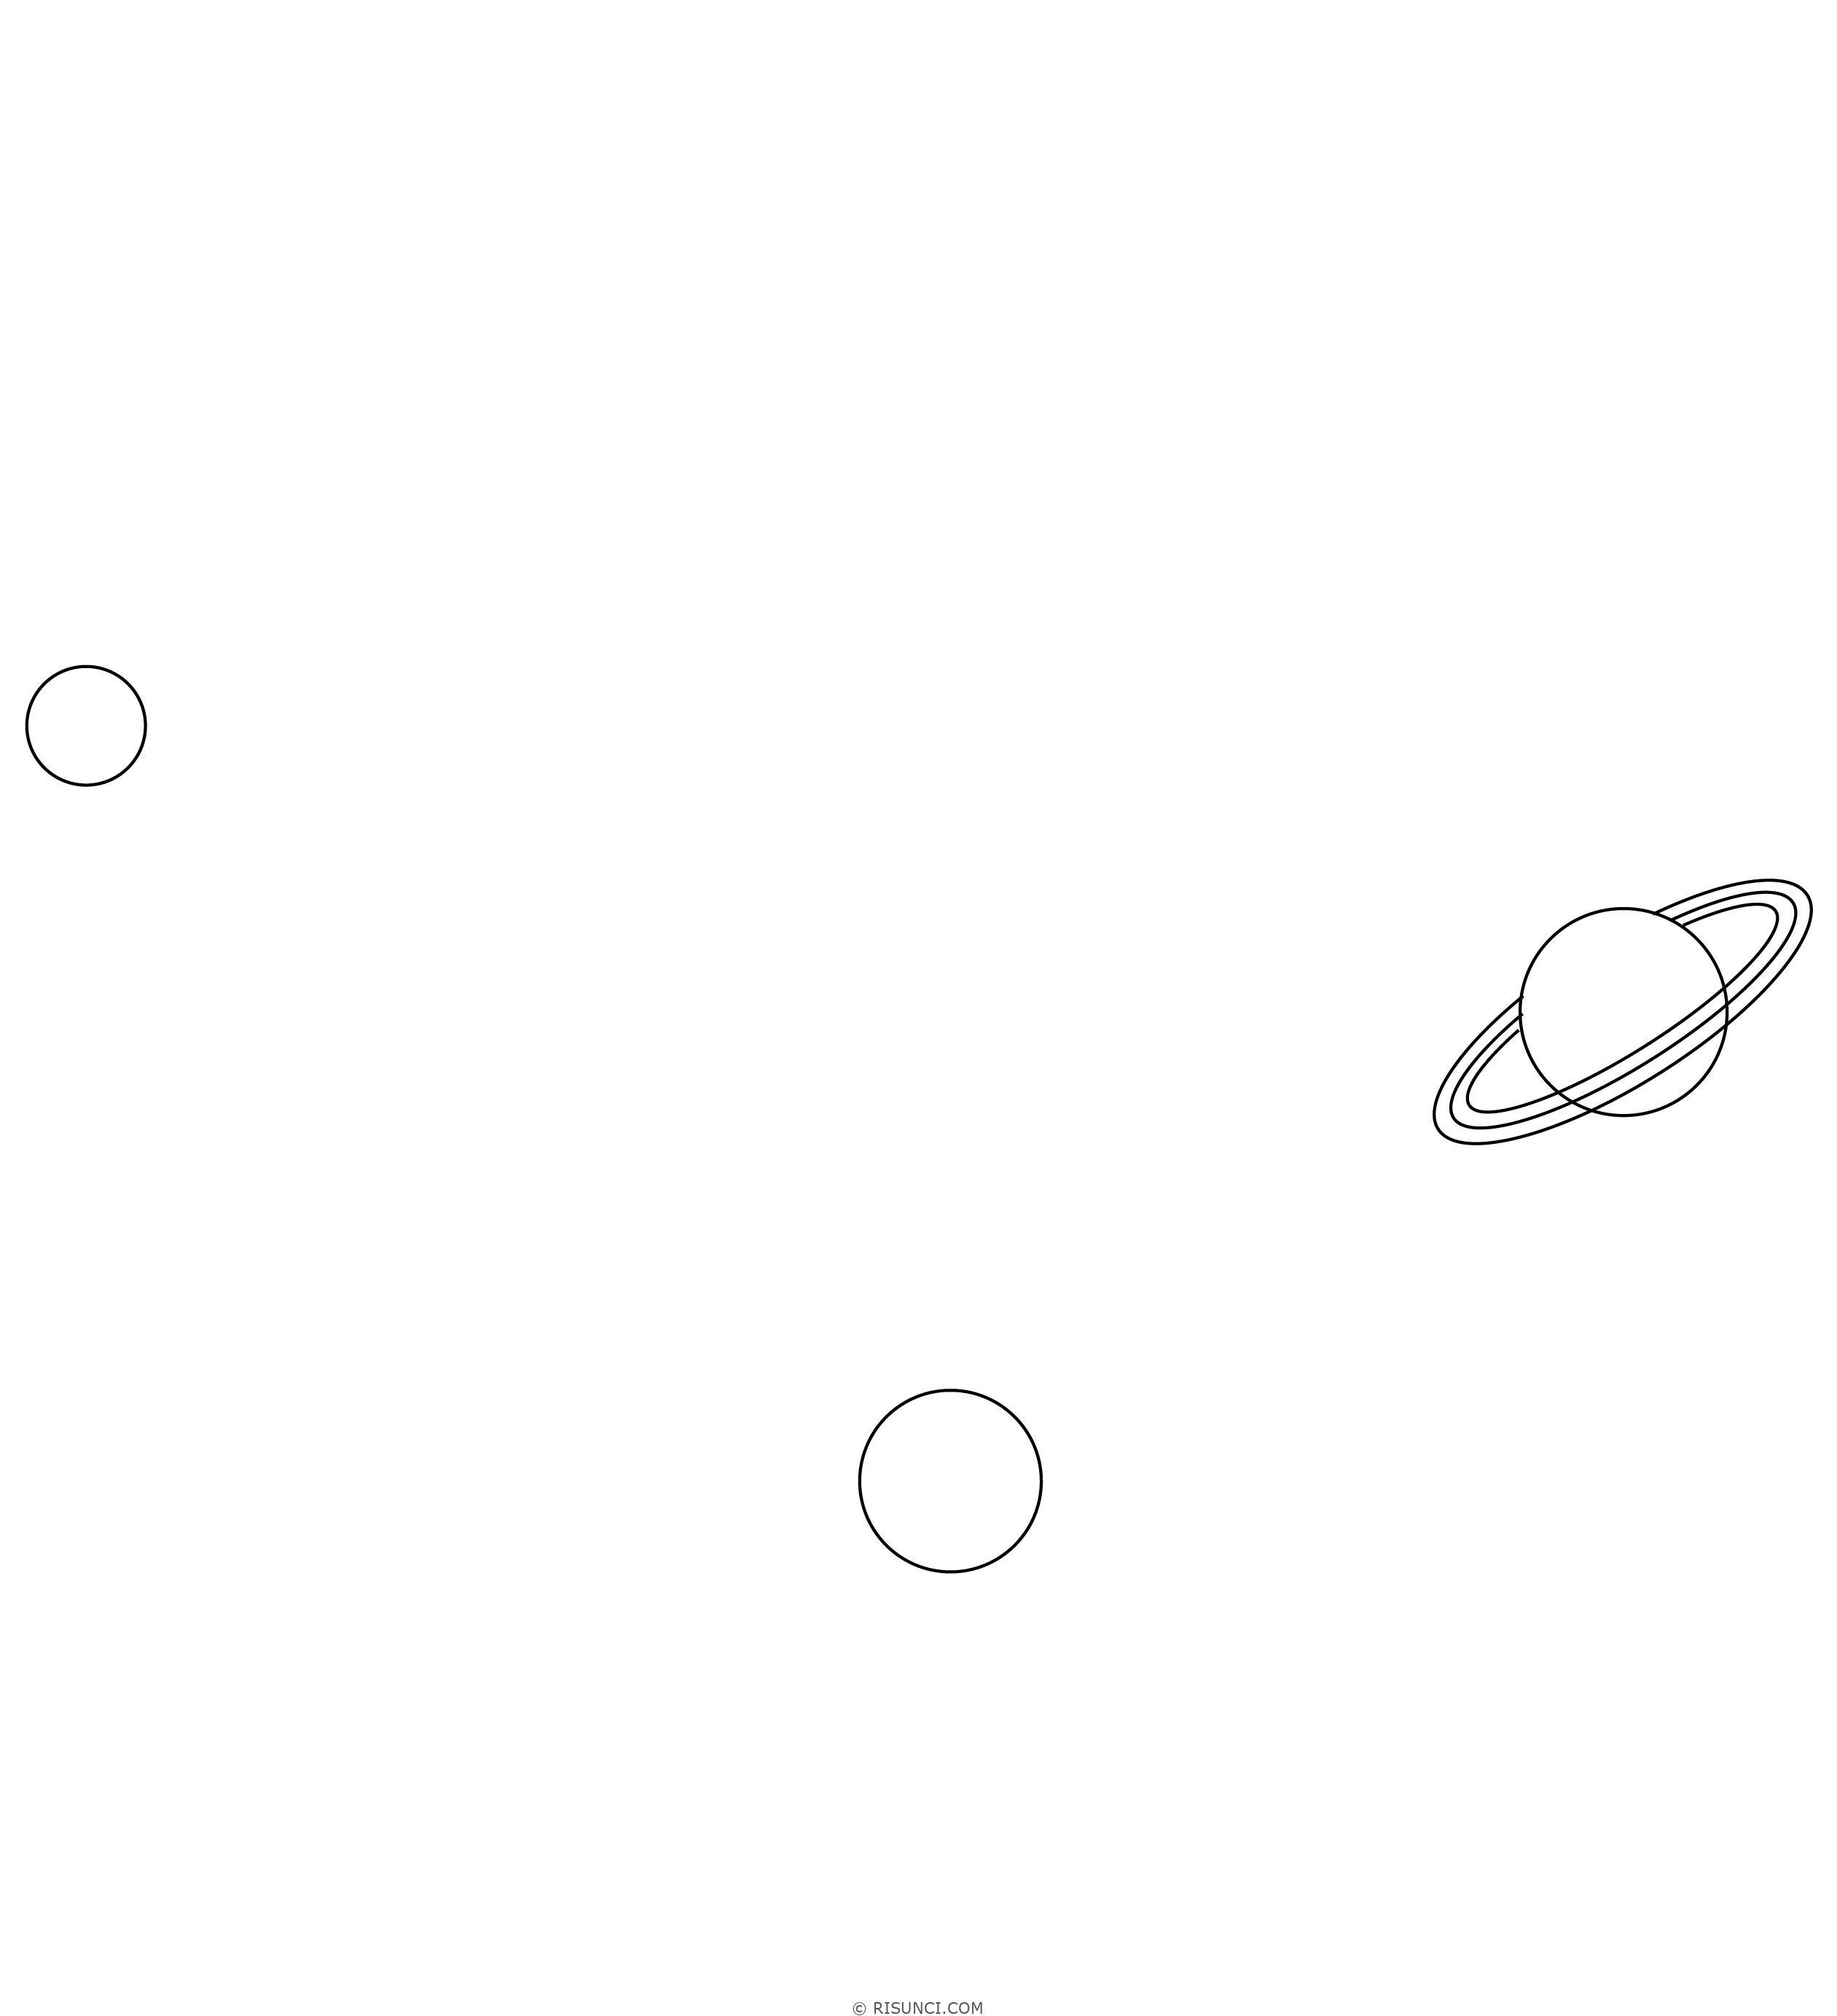 рисунки космоса и планет карандашом займ онлайн на длительный срок на карту